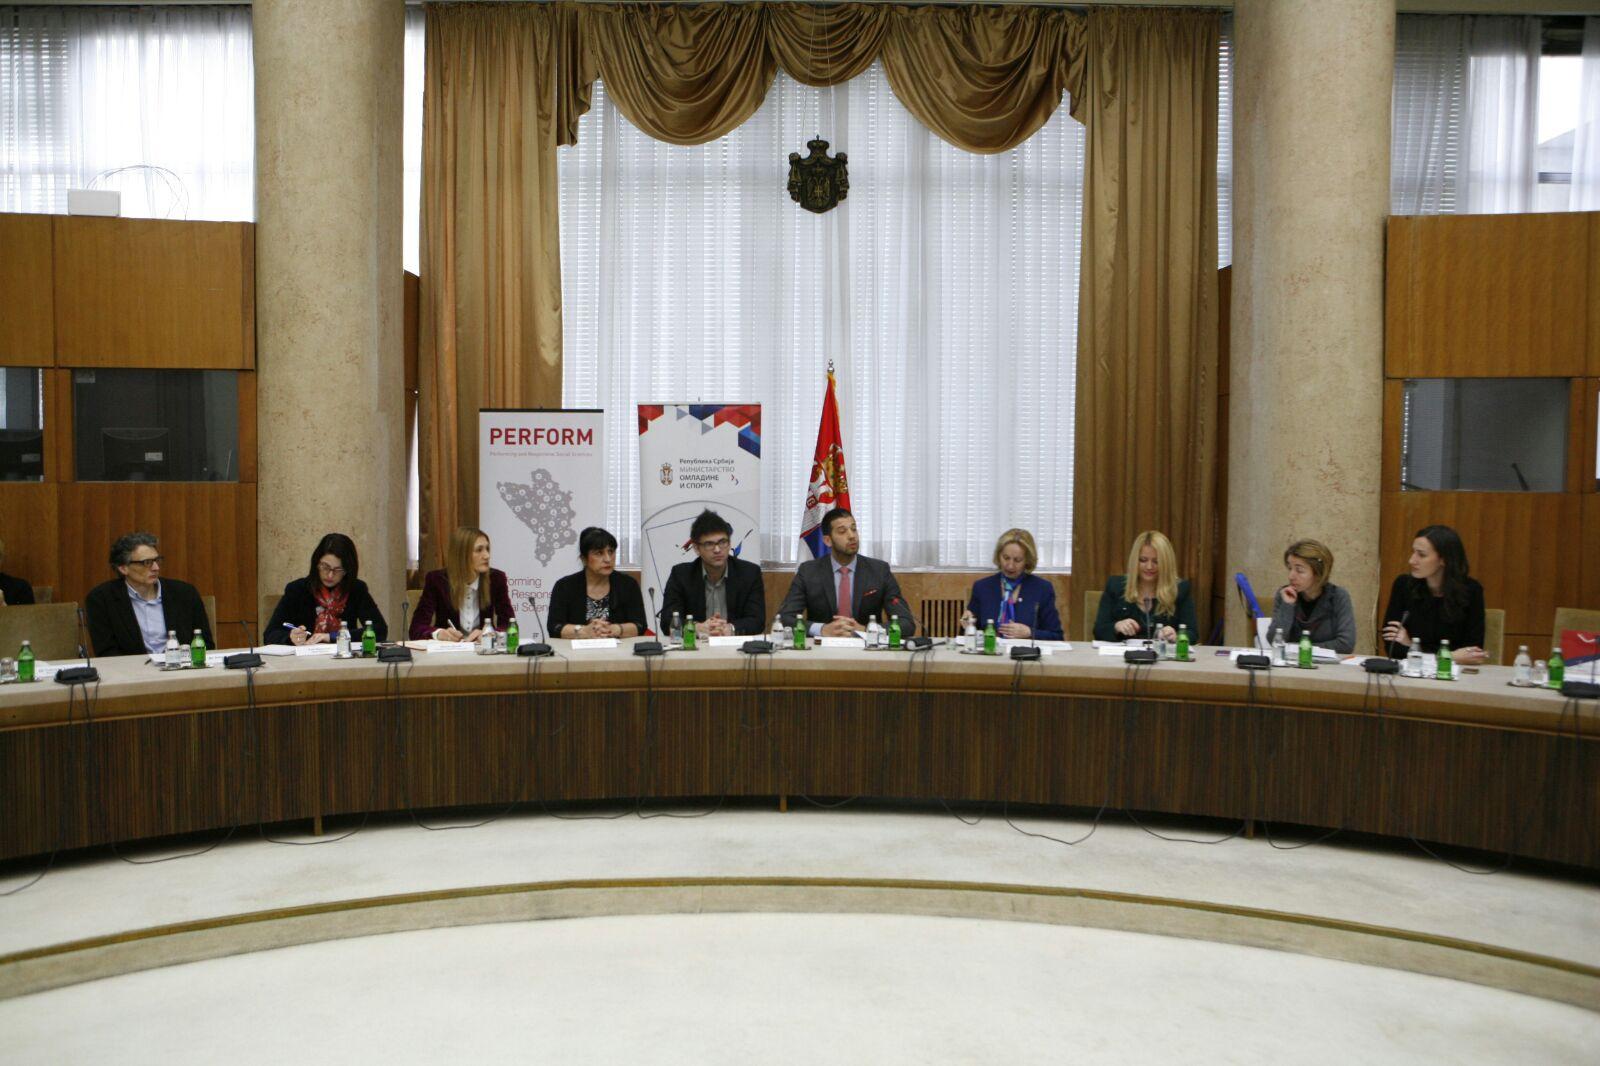 """Ministar Udovičić otvorio omladinsku konferenciju  """"S mladima za mlade"""""""